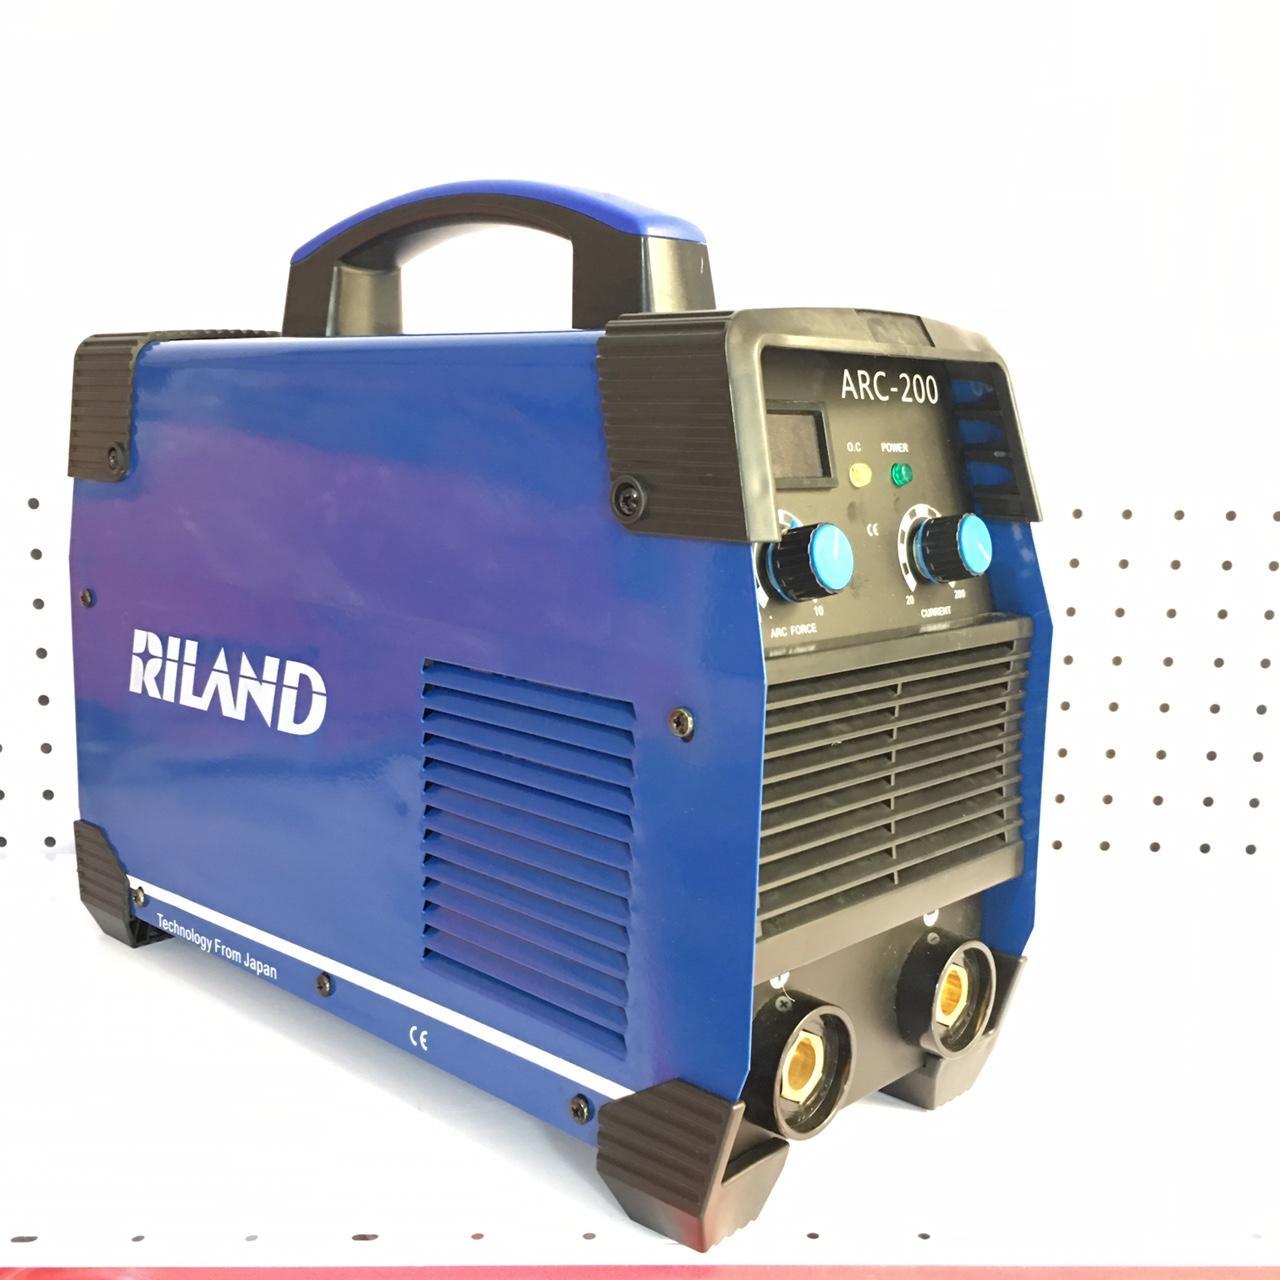 máy hàn Riland ARC20, máy hàn riland, máy hàn que, máy hàn điện tử, máy hàn tốt, may han dien tu, máy hàn chính hãng, máy hàn điệnm máy hàn, máy hàn giá rẻ, máy hàn mini